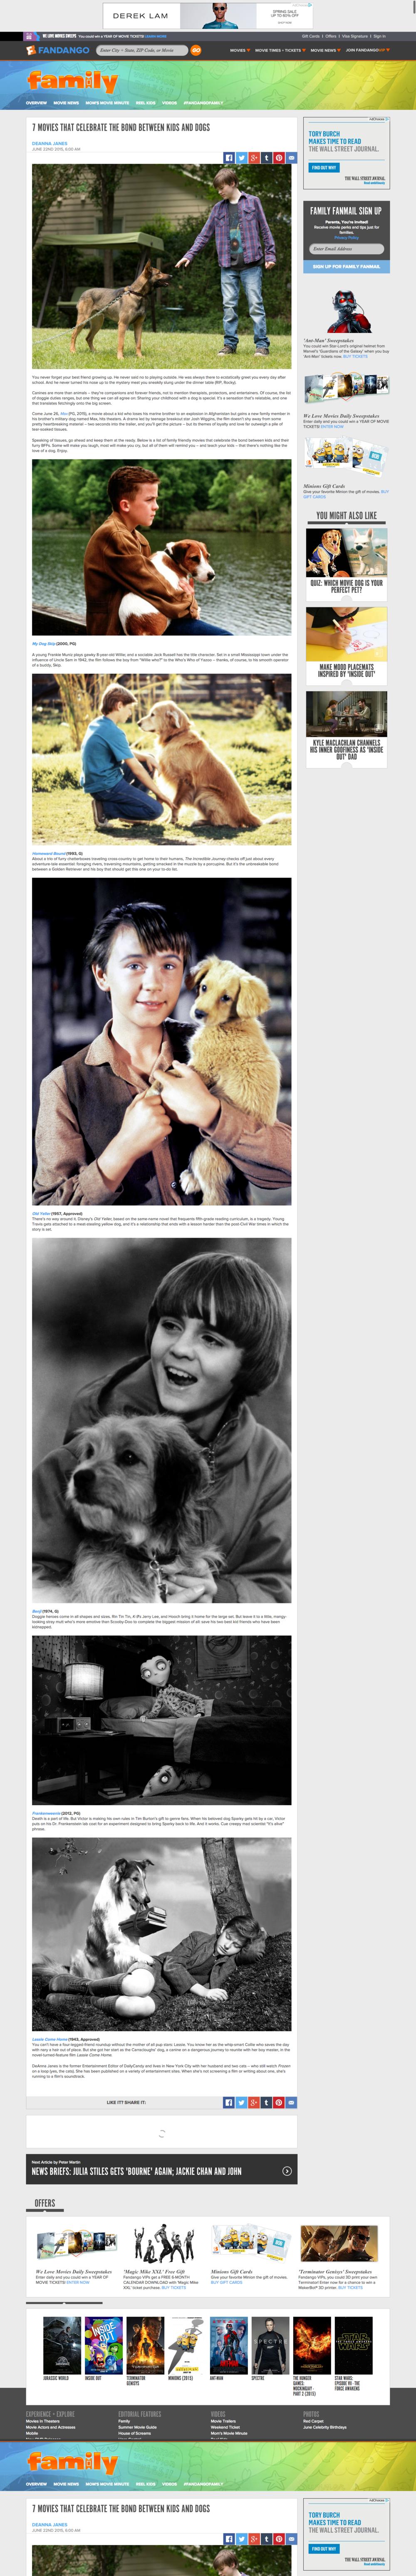 fandango dog story